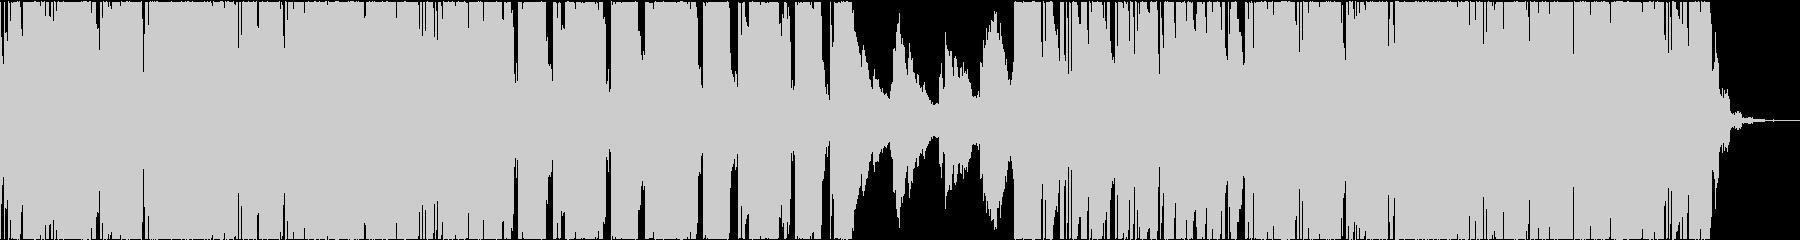 ダブステップ アニメ バトル ピアノの未再生の波形